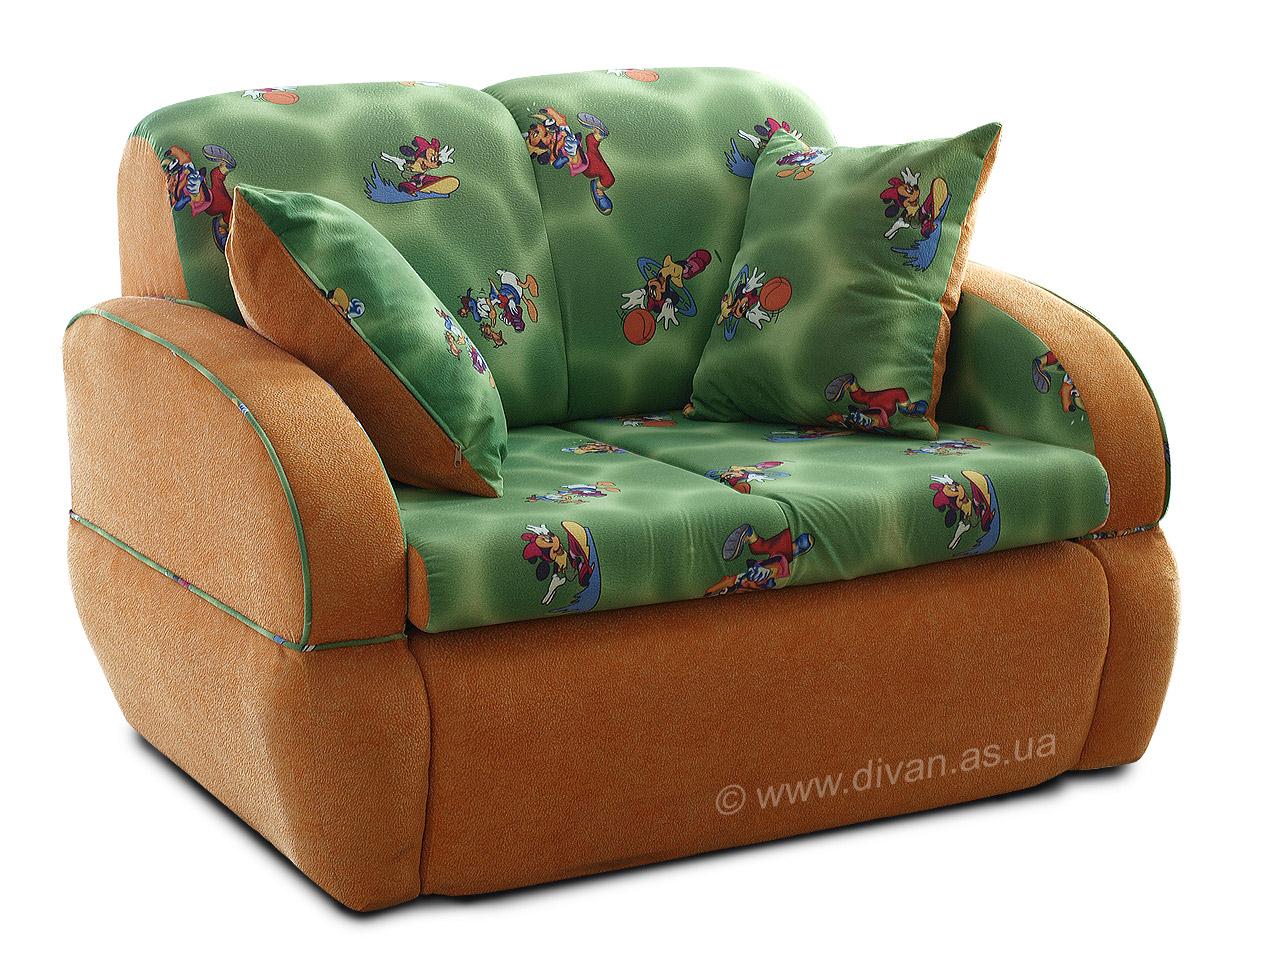 Магазин мир диванов в Москве